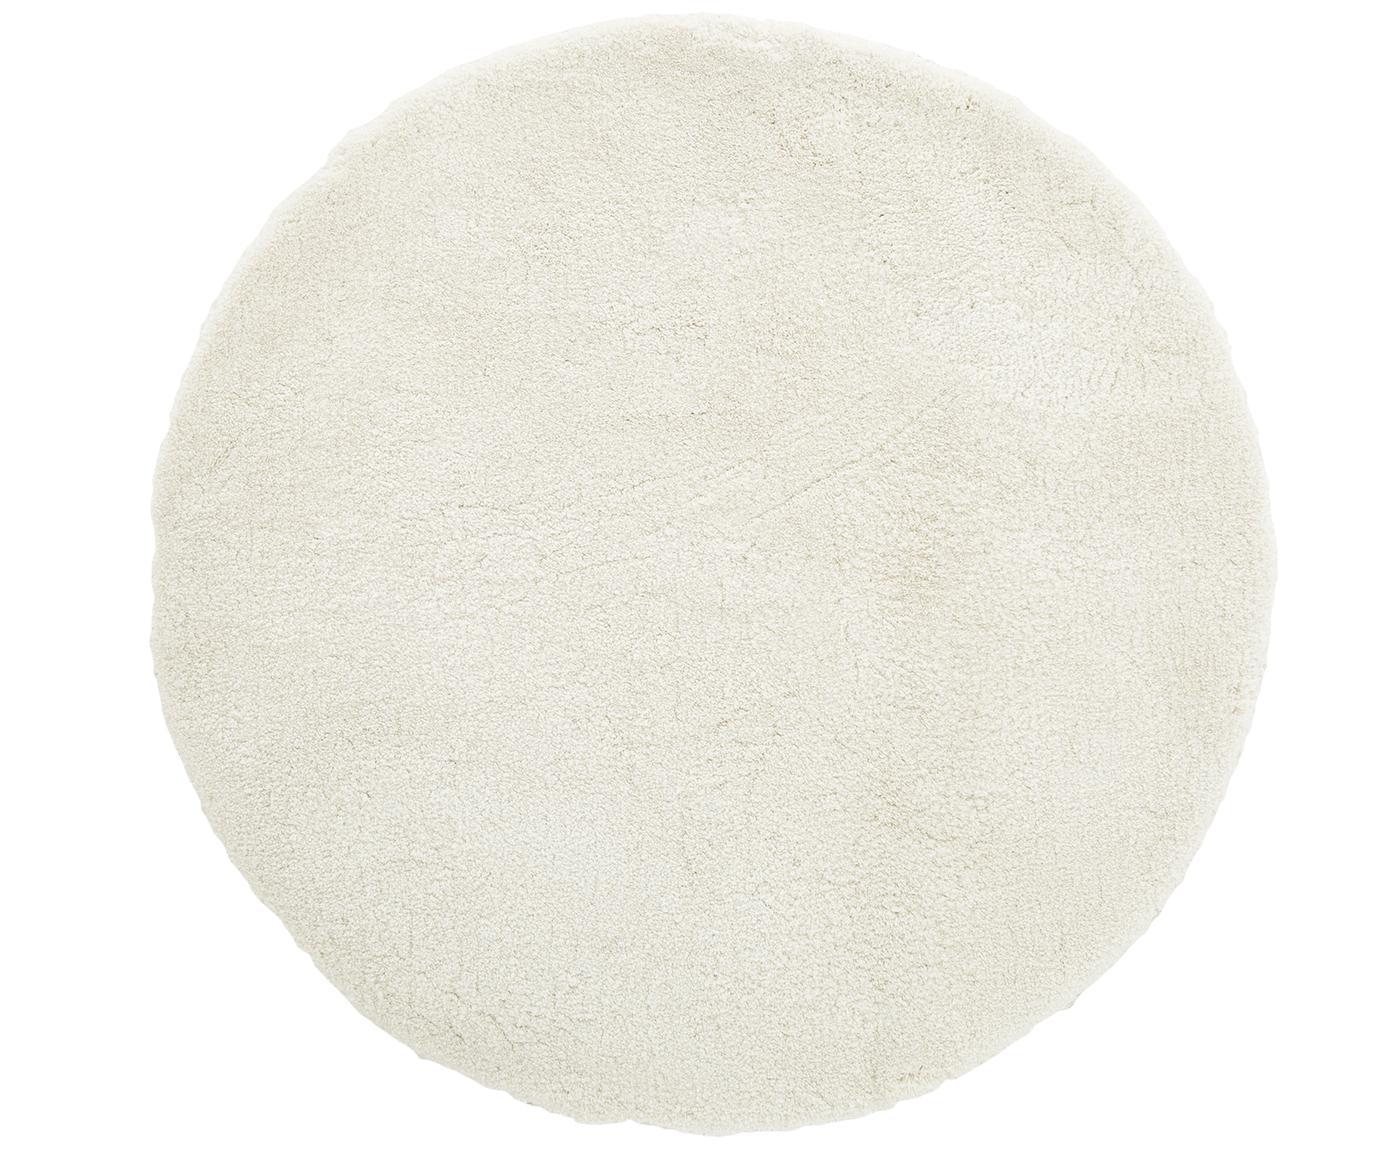 Rond hoogpolig vloerkleed Leighton in crèmekleur, Crèmekleurig, Ø 120 cm